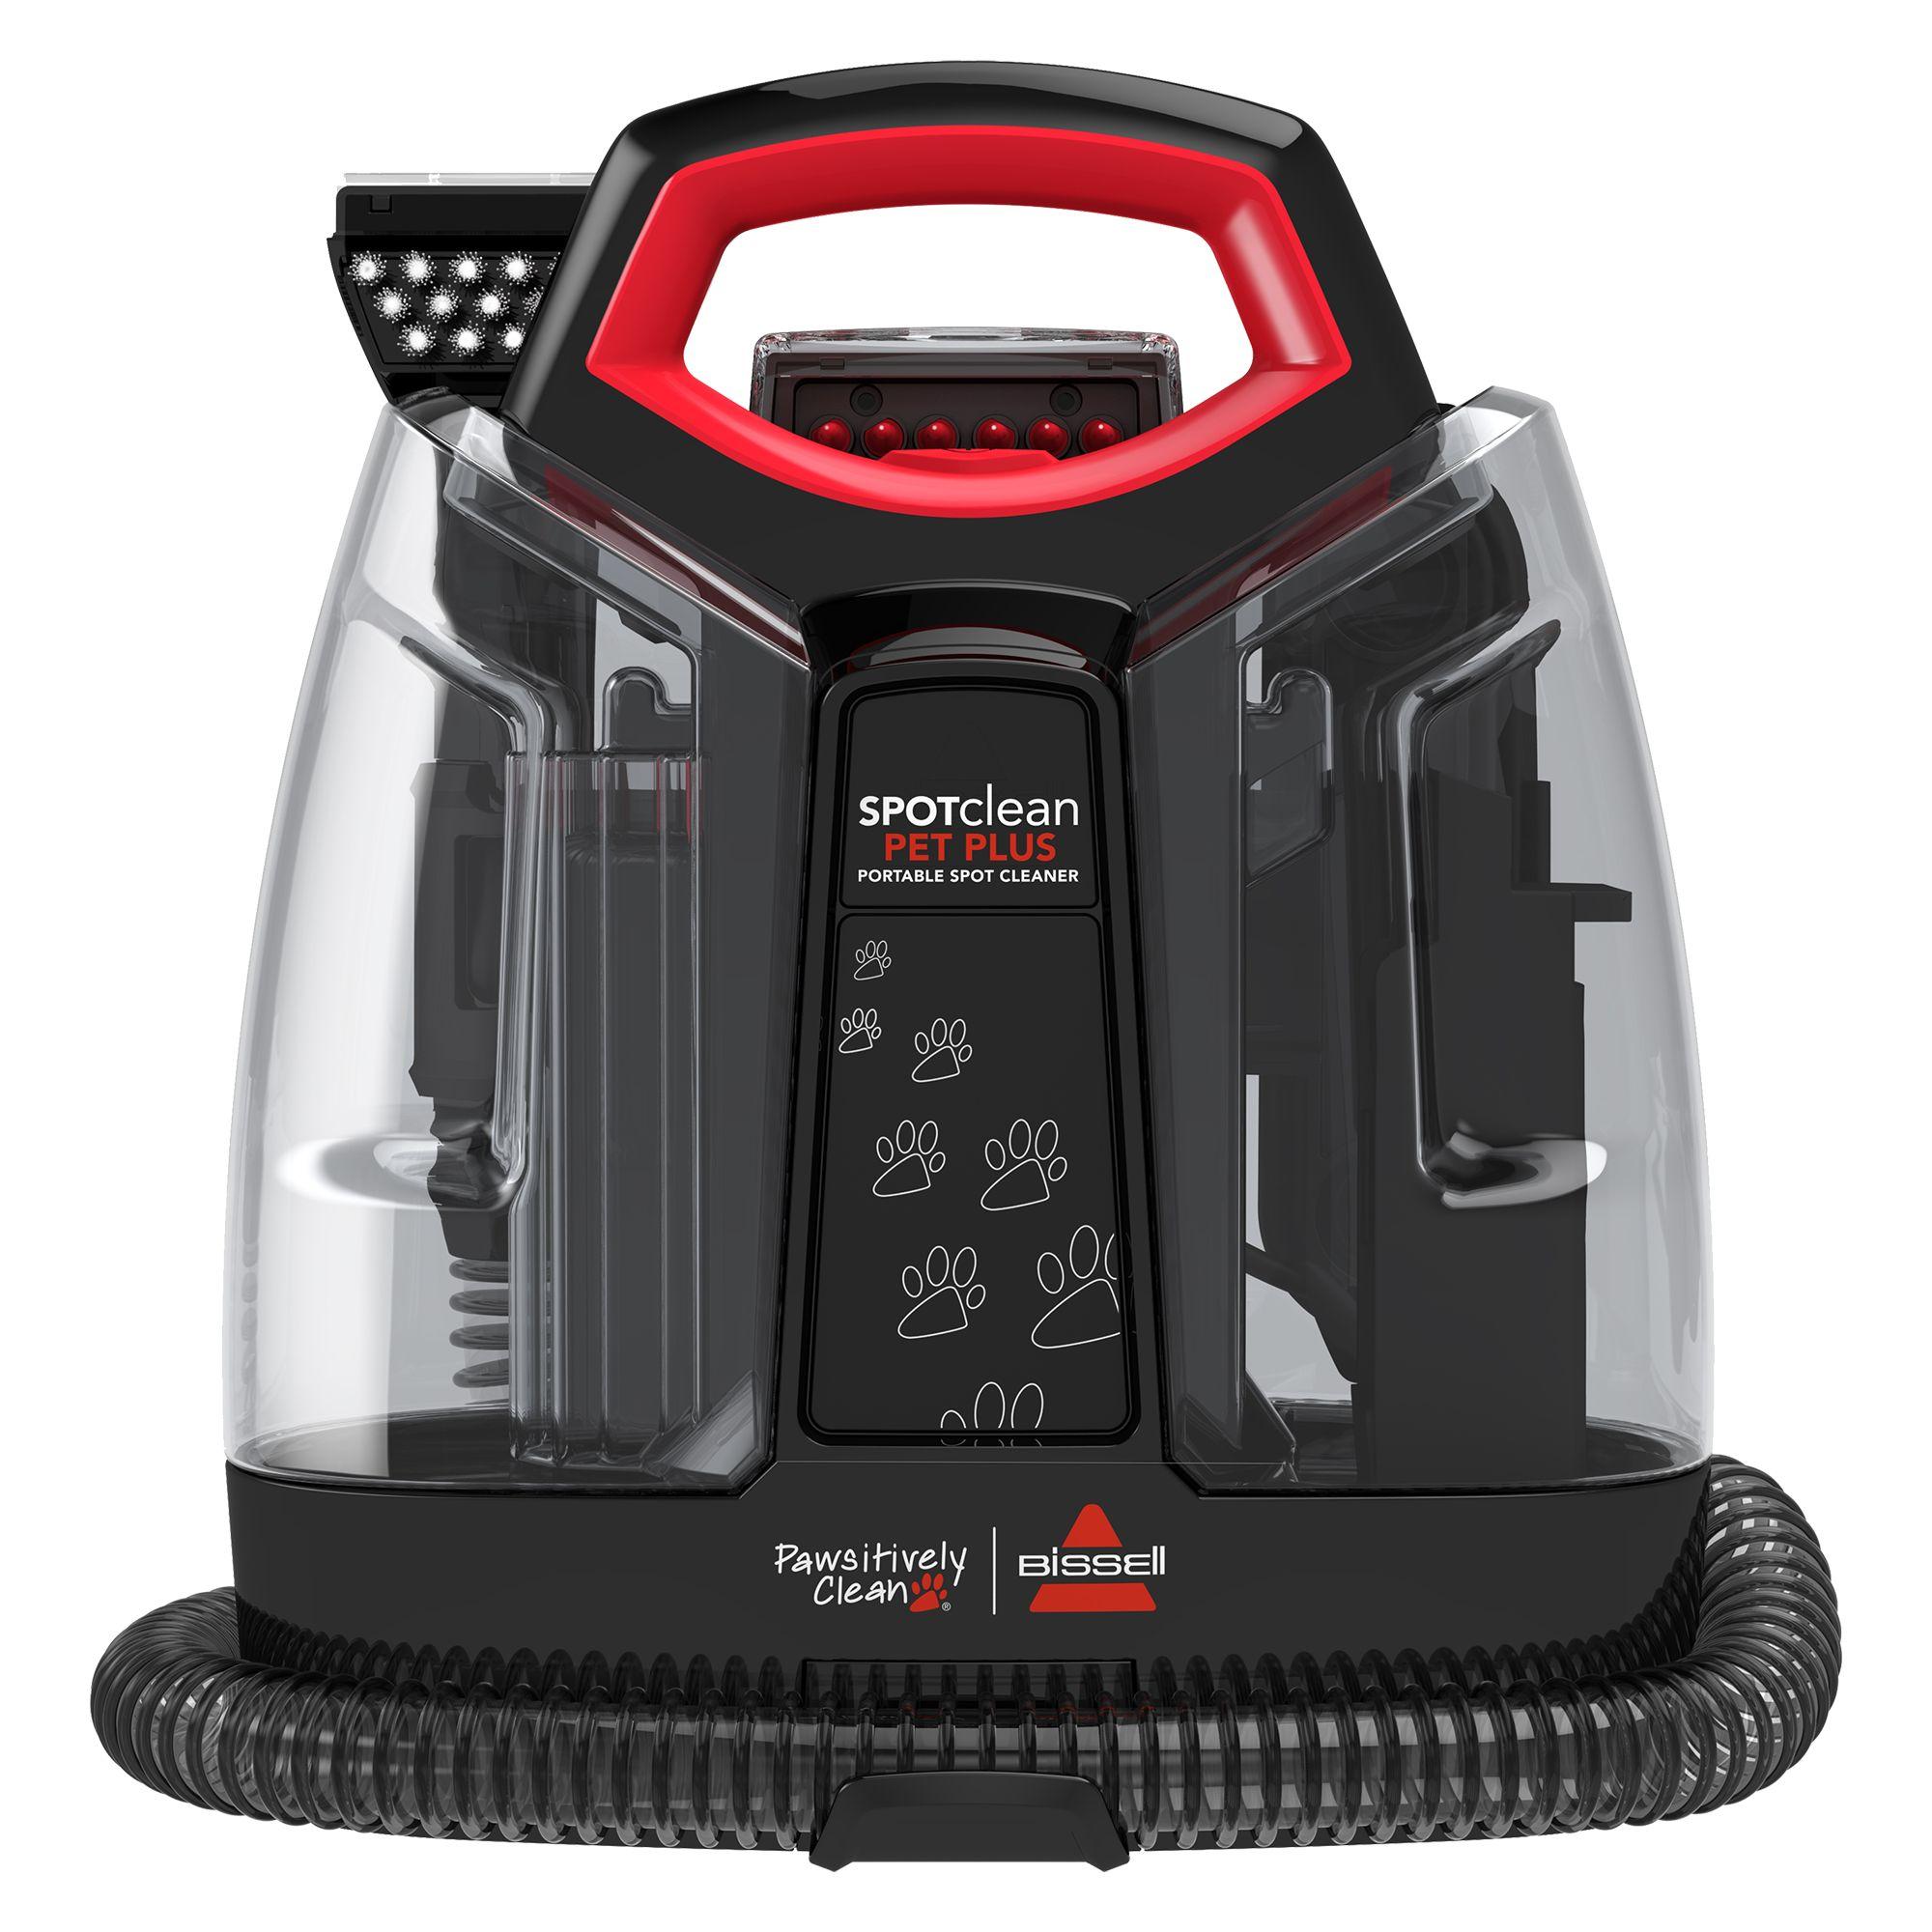 Bissell Spotclean Pet Plus Portable Smidgen Cleaner size: 8 Fl Oz